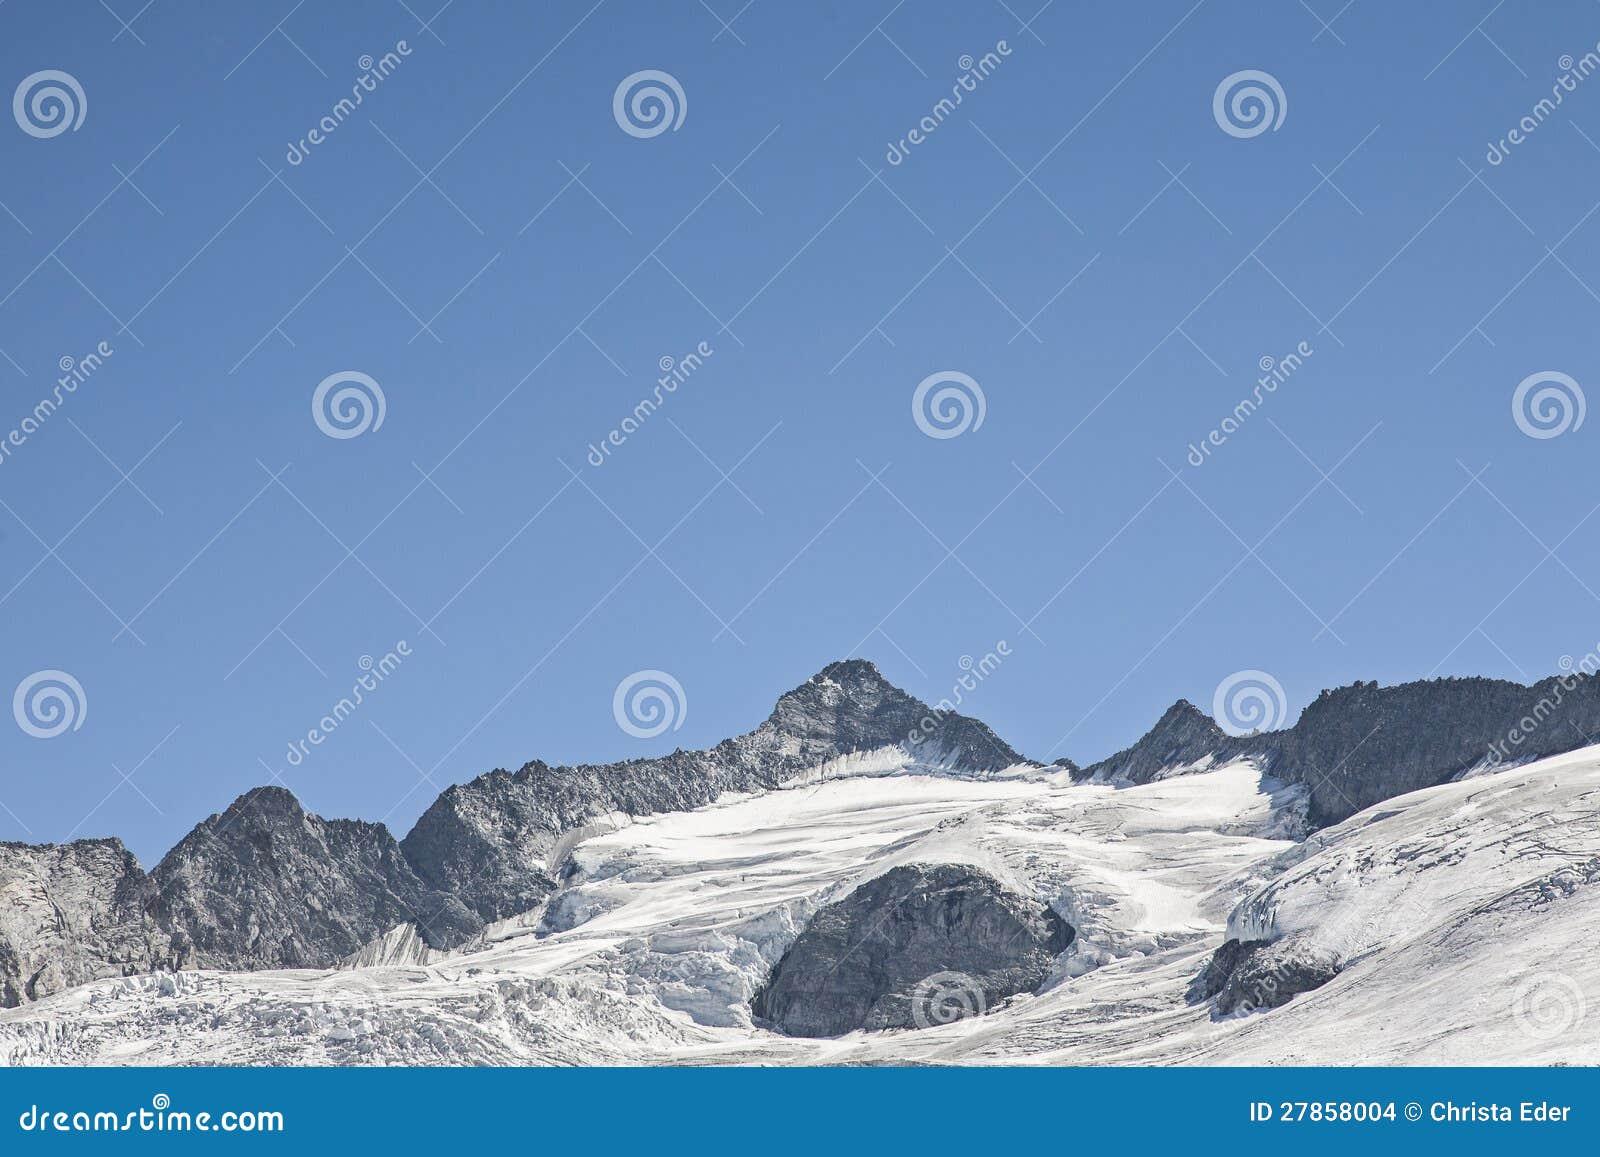 Glacjalny mounain